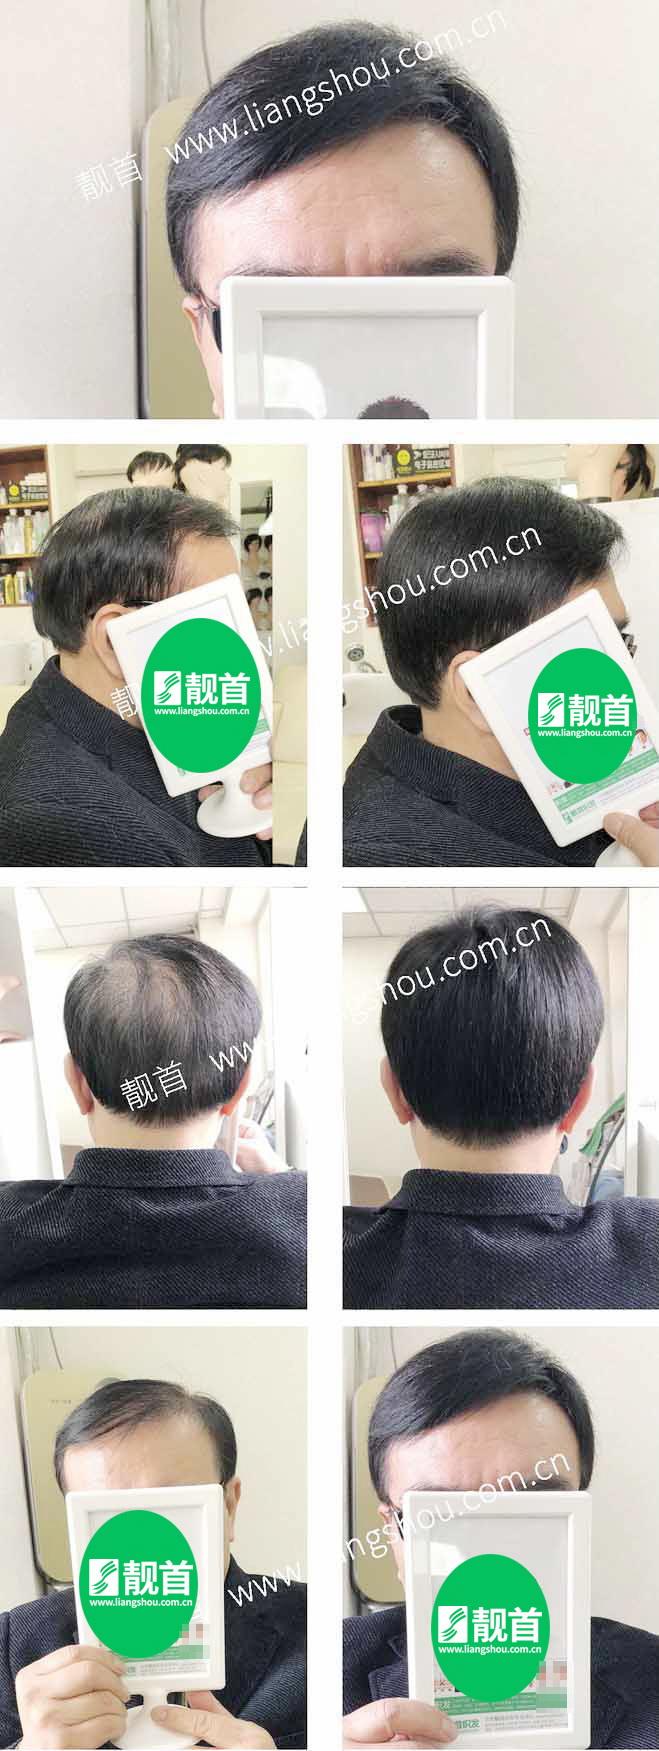 老年-短发-自由式-发块-男士-补发-真人发假发-实拍案例